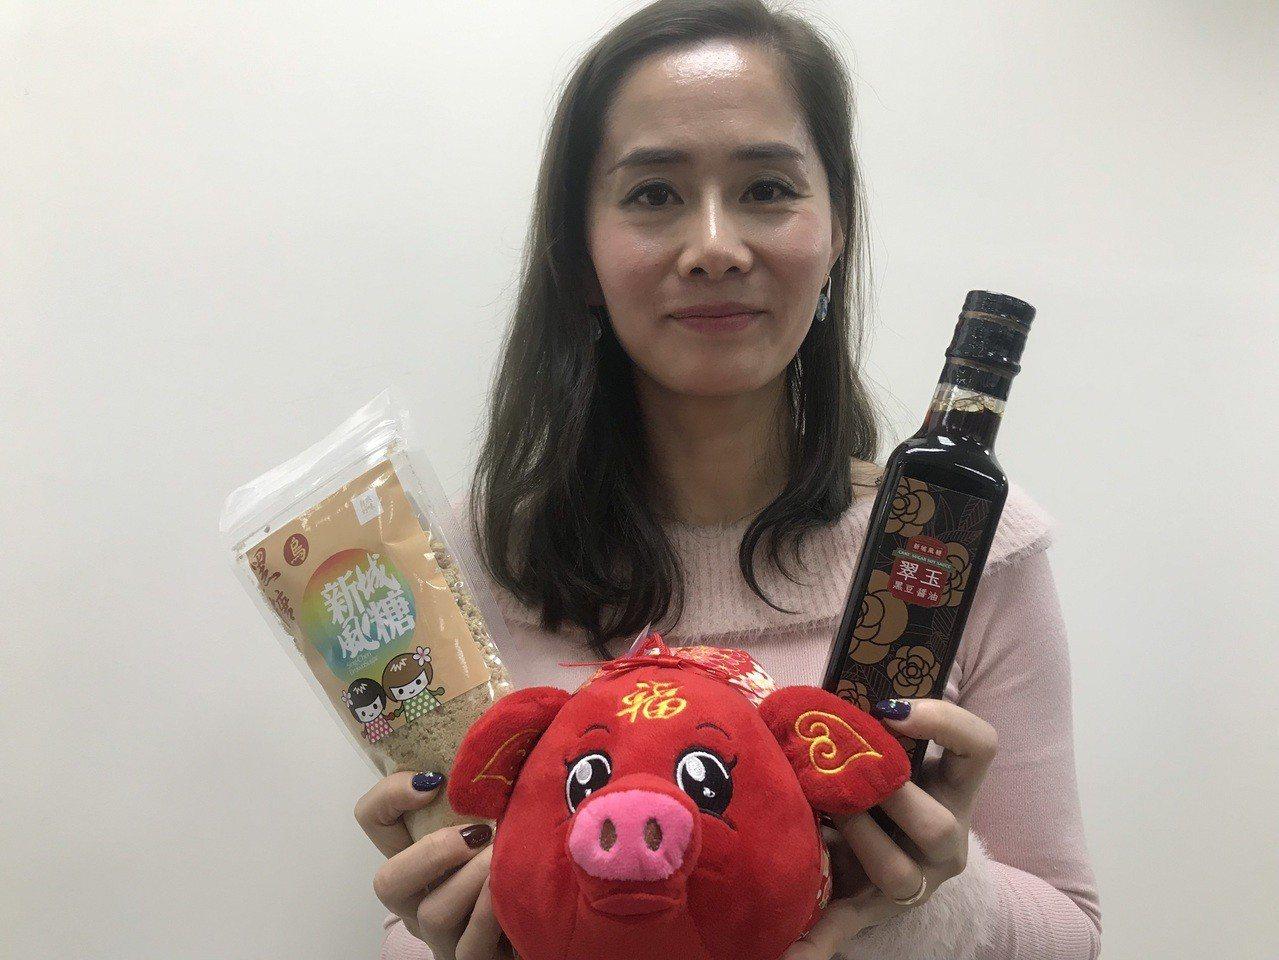 新竹寶山鄉的新城社區發展協會,利用當地聞名的甘蔗,開發「新城風糖」品牌,每年固定...